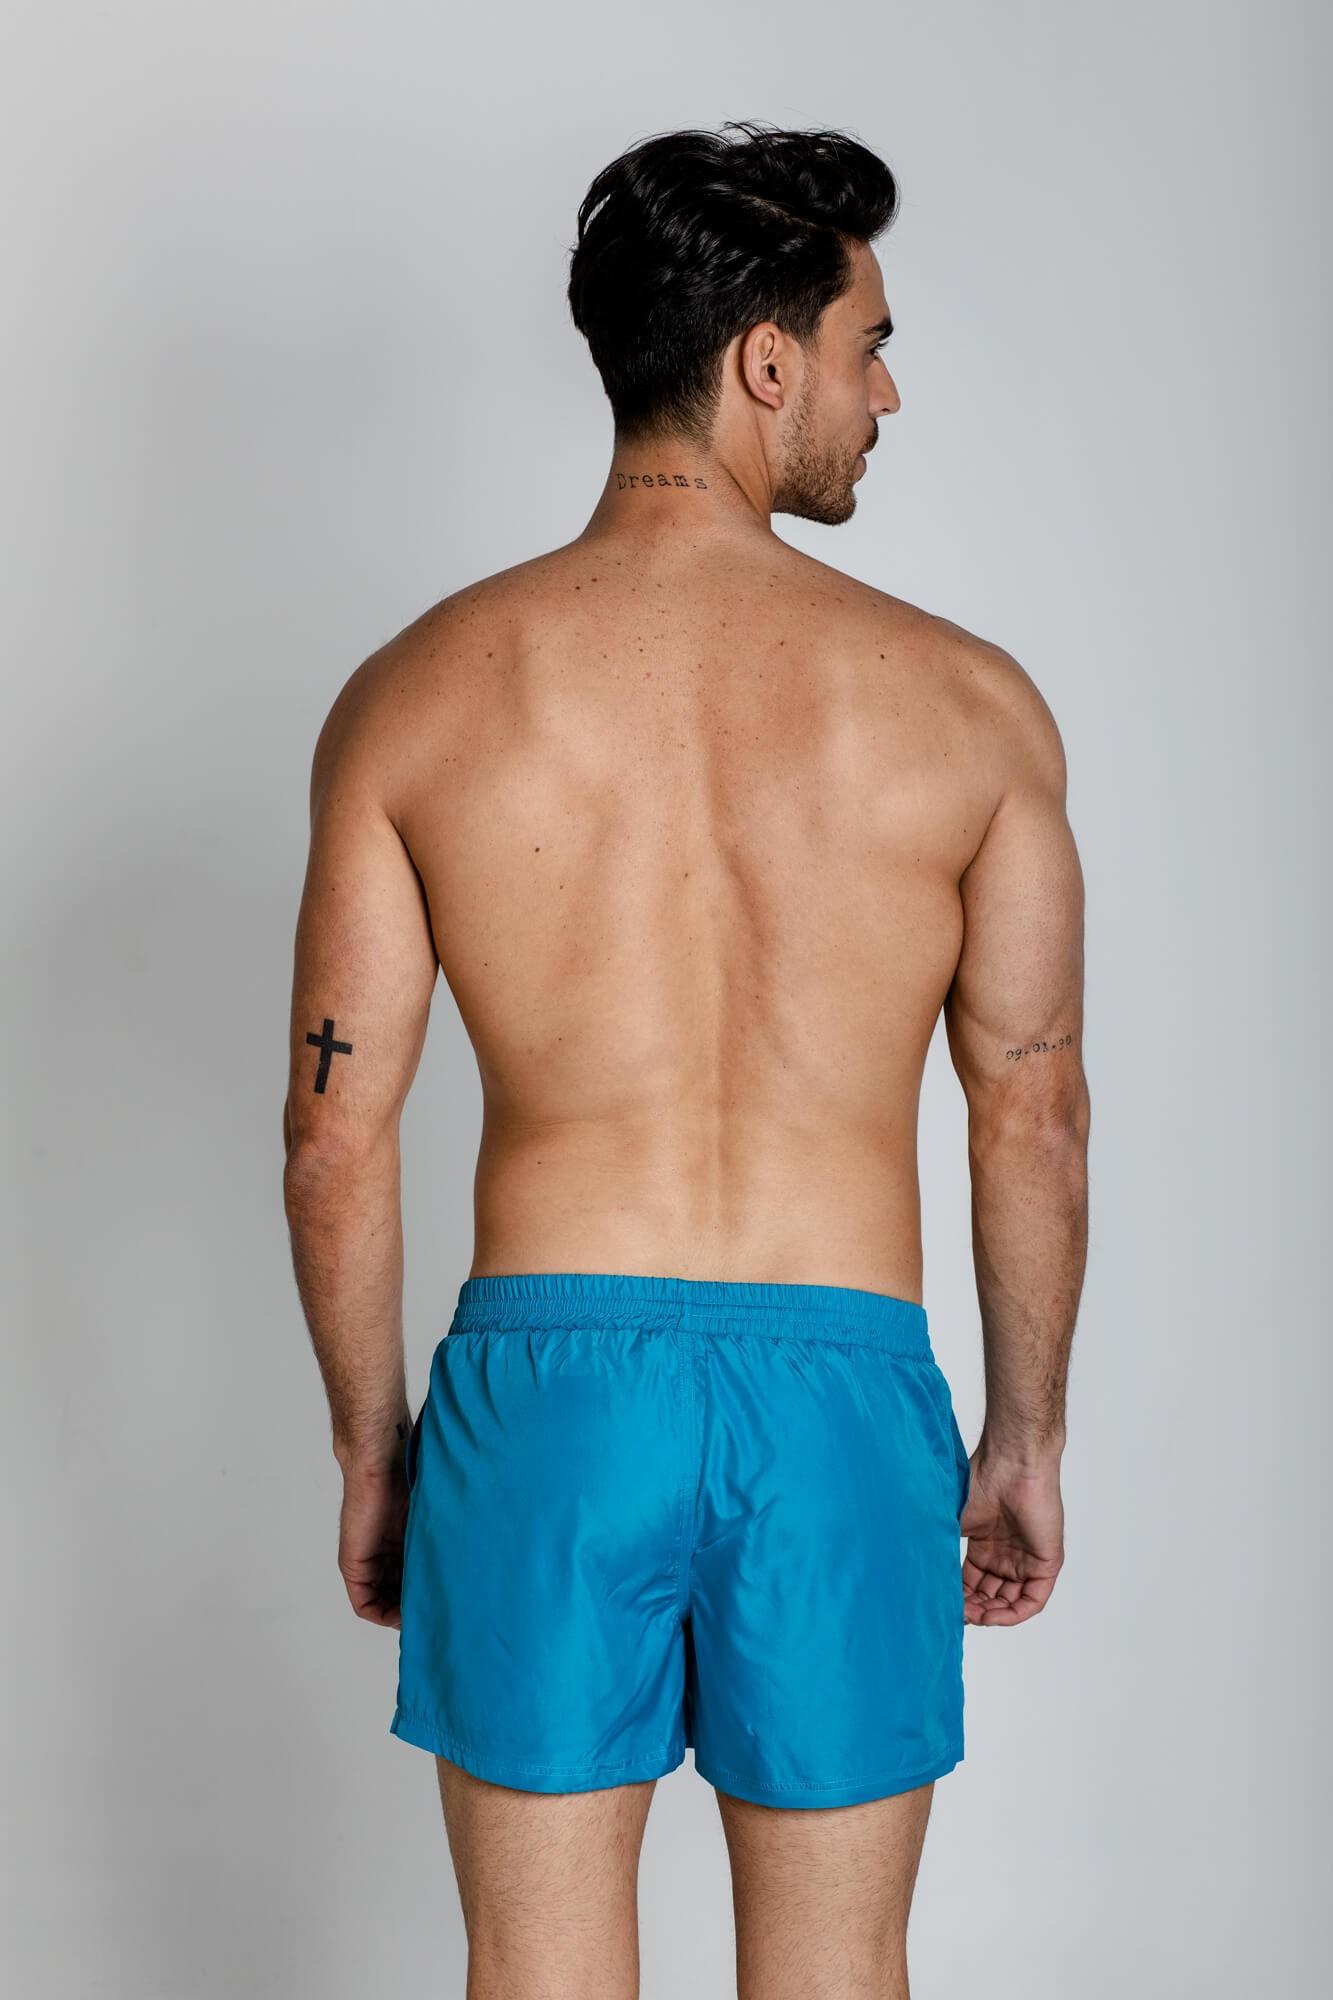 Bañador classic azul royal para hombre. De secado rápido, con logo ELIU bordado en la pierna. ELIU Bañadores